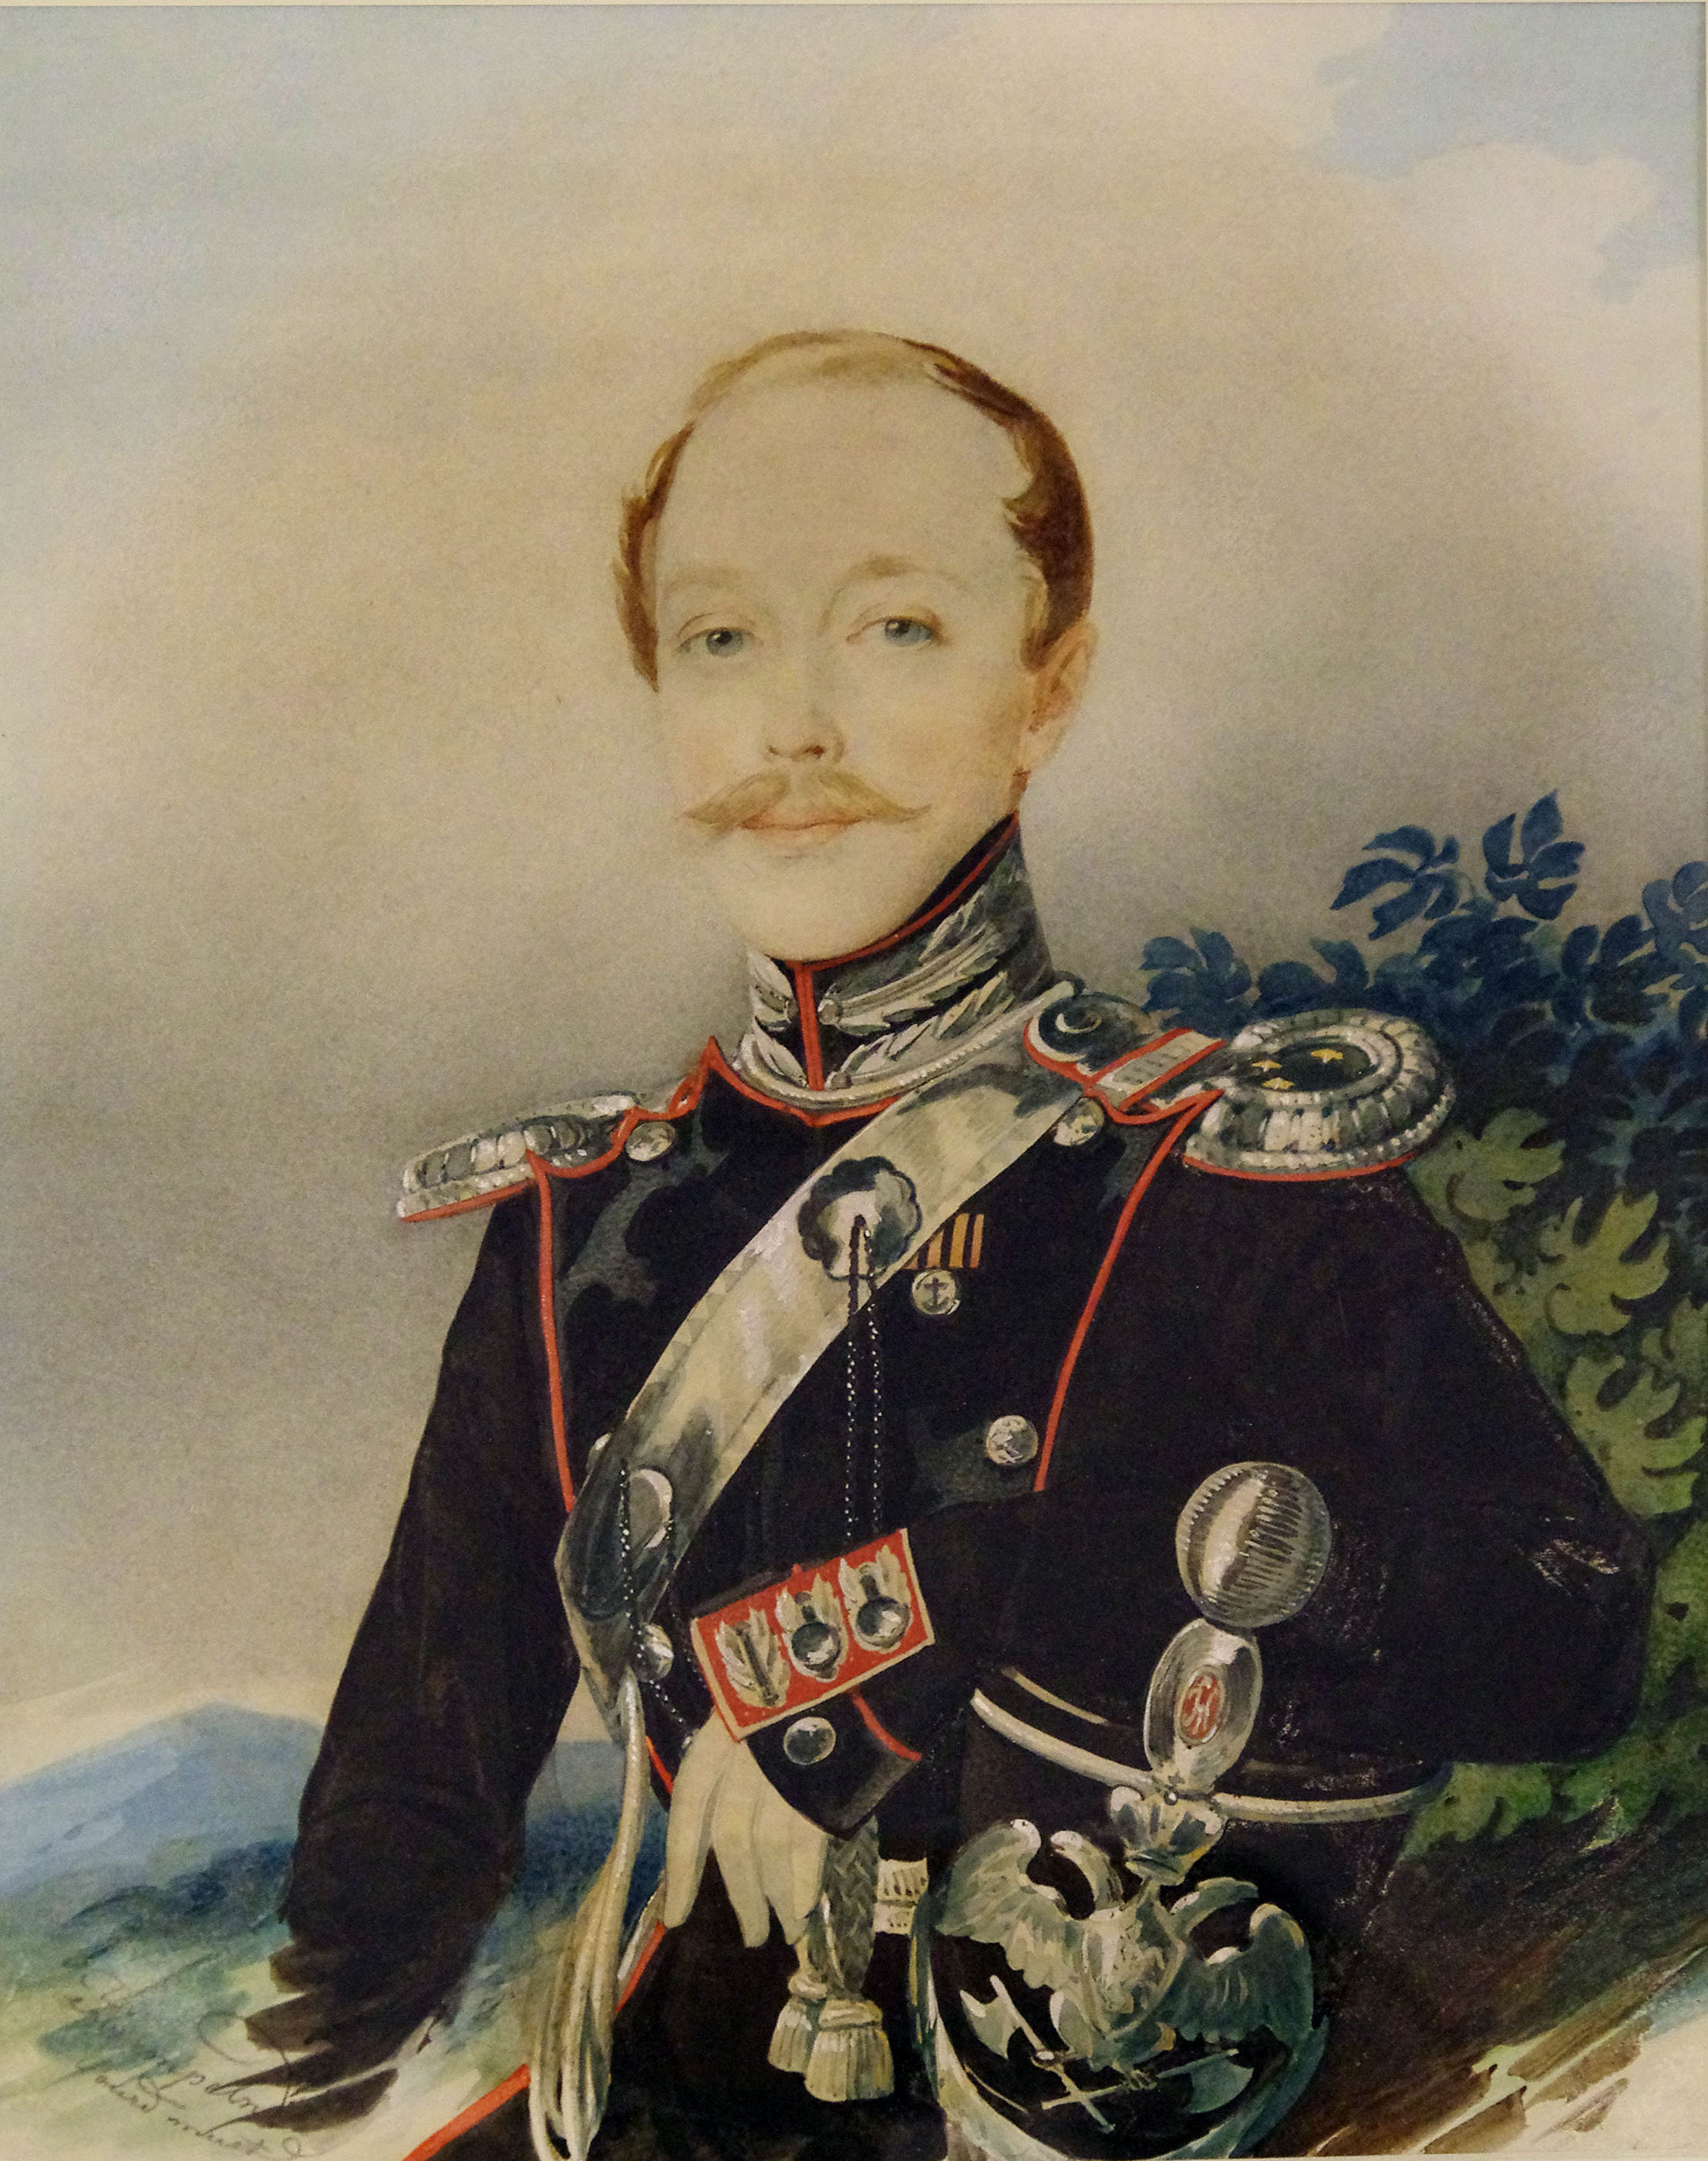 Портрет поручика лейб-гвардии Конно-пионерного эскадрона Федора Петровича Глебова-Стрешнева работы художника Карла Гампельна, середина 1830-х годов.